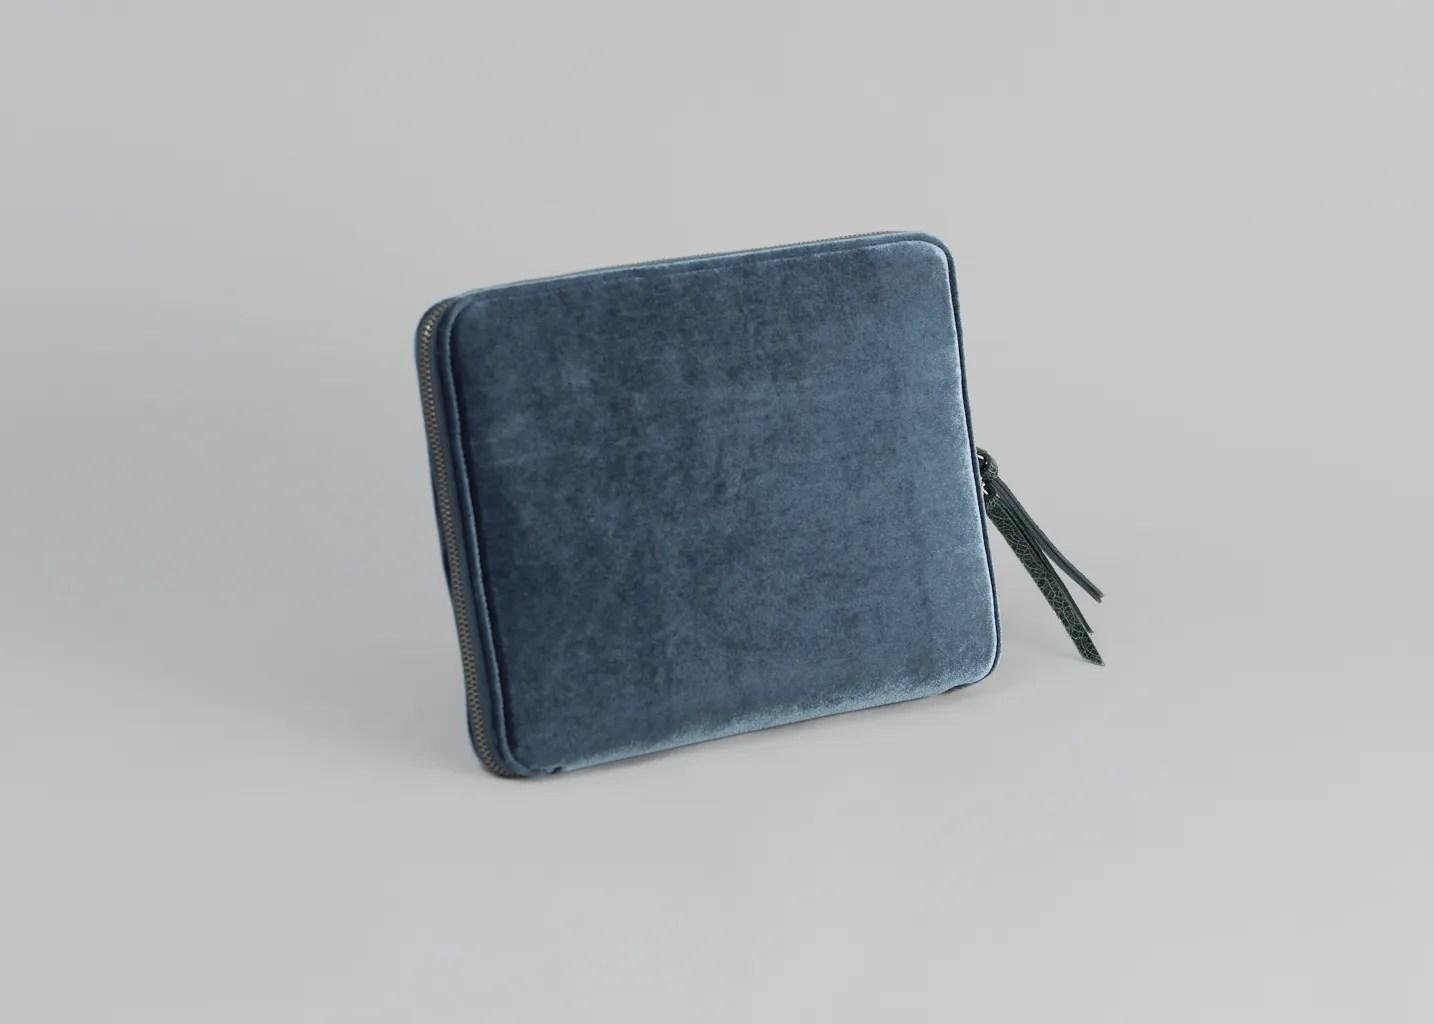 Pochette Velours MM6 Par Maison Margiela Bleu LException